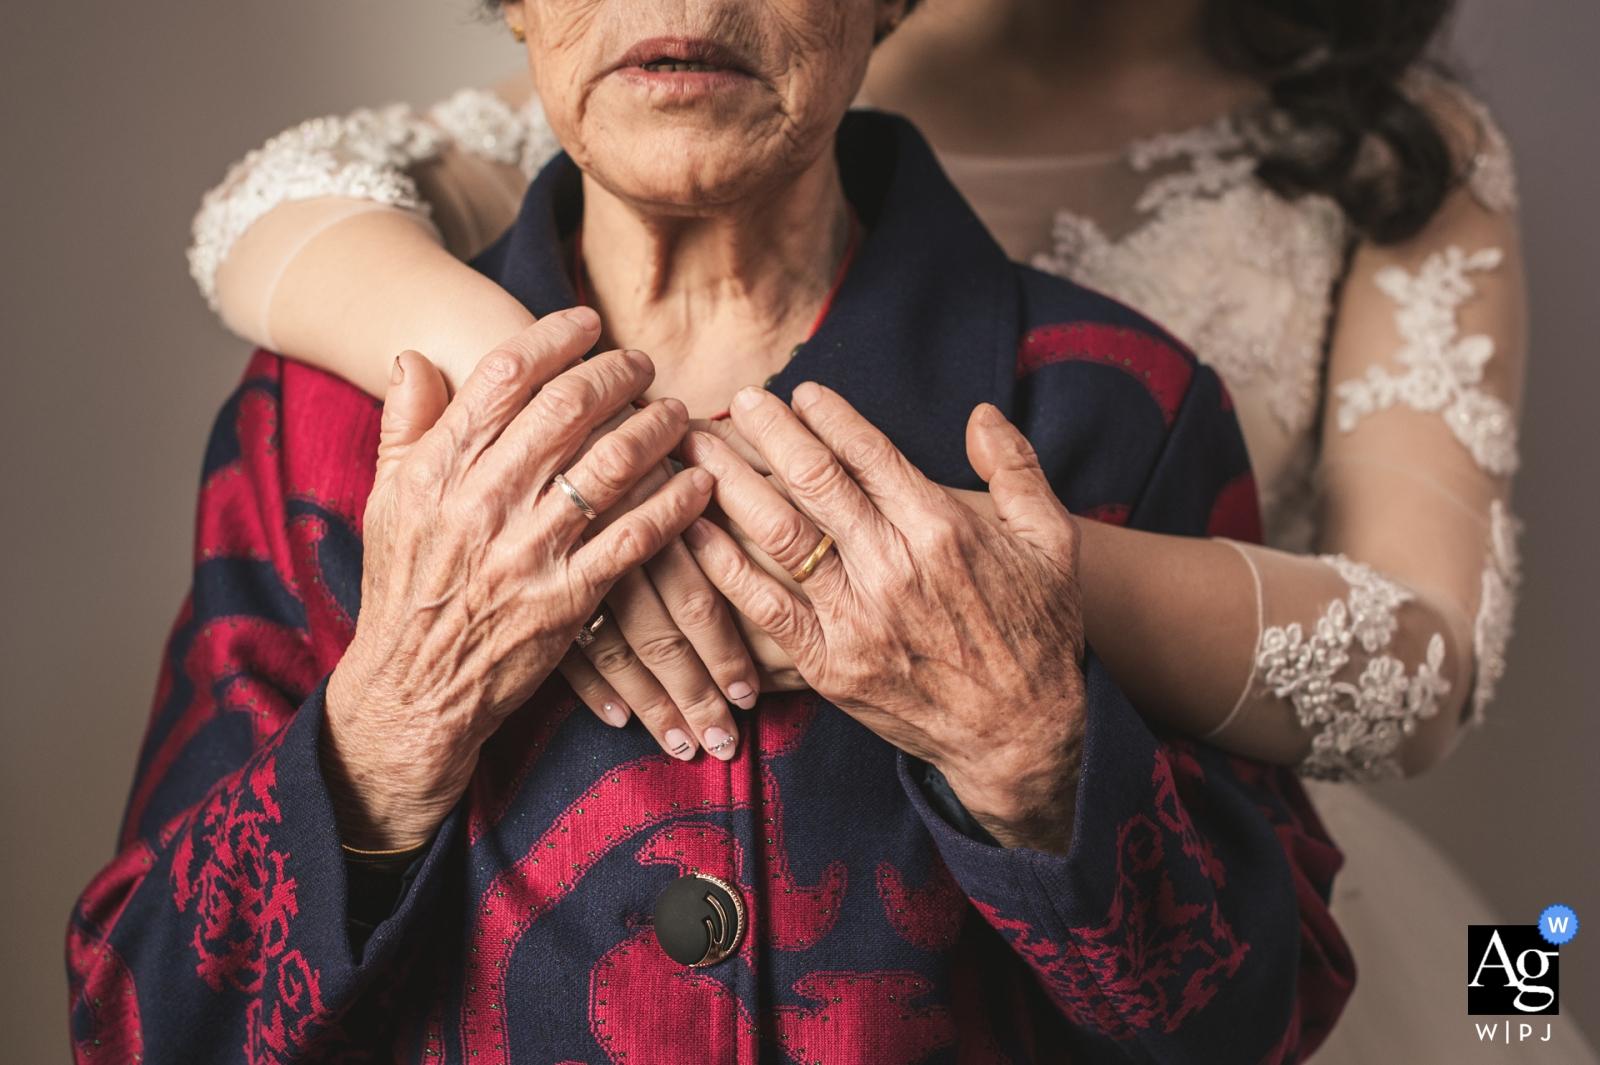 Fotógrafo de bodas en China: imágenes detalladas - Las manos de la abuela de la novia